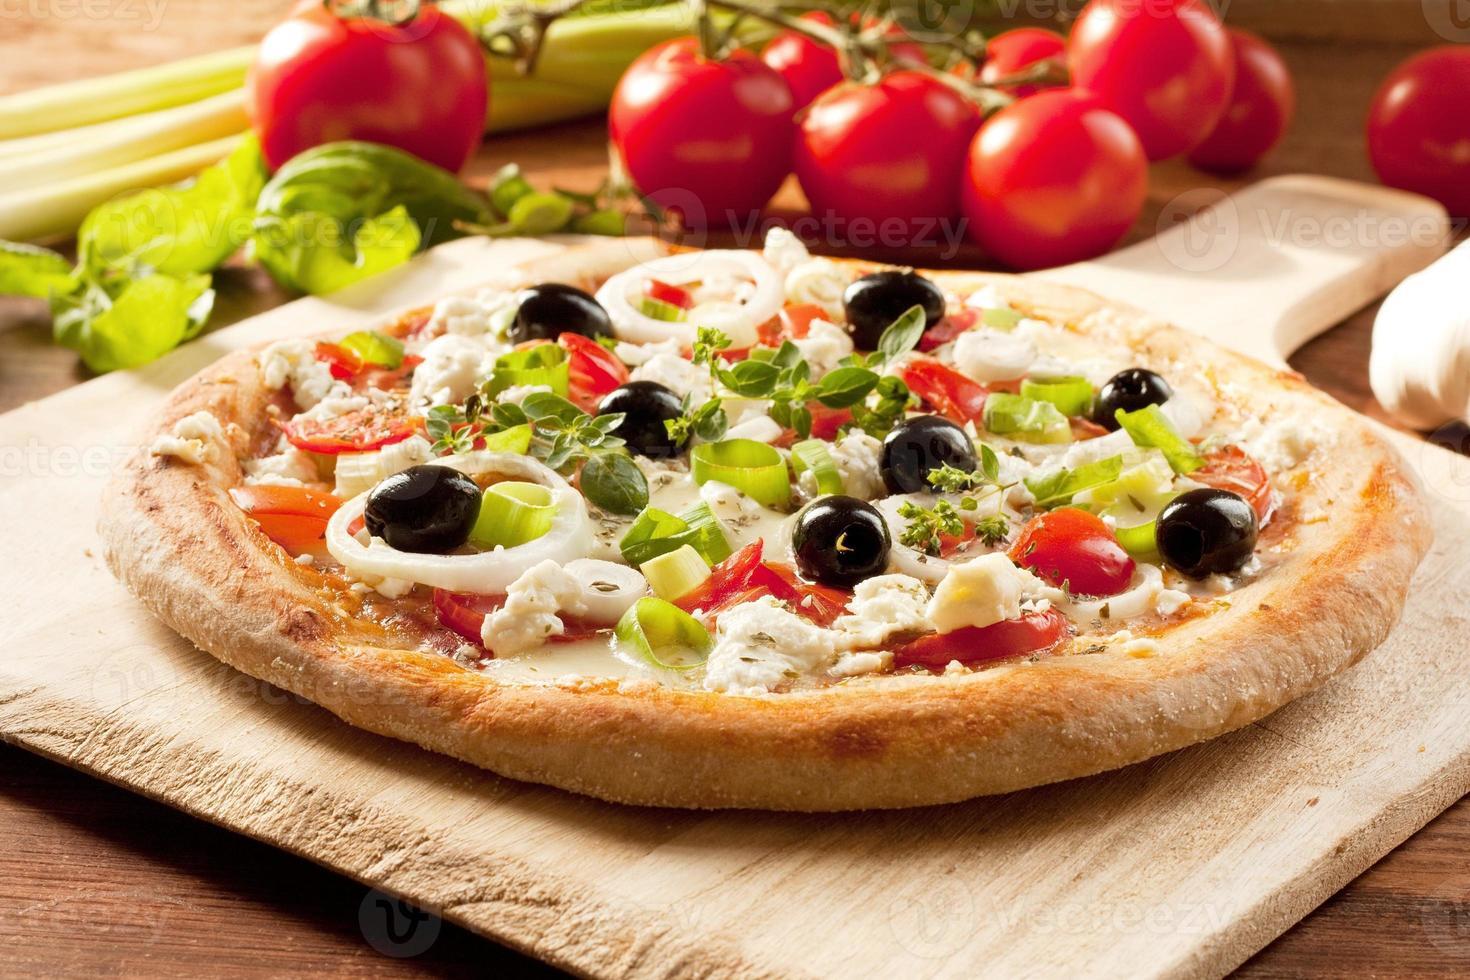 grekisk stil pizza / foto